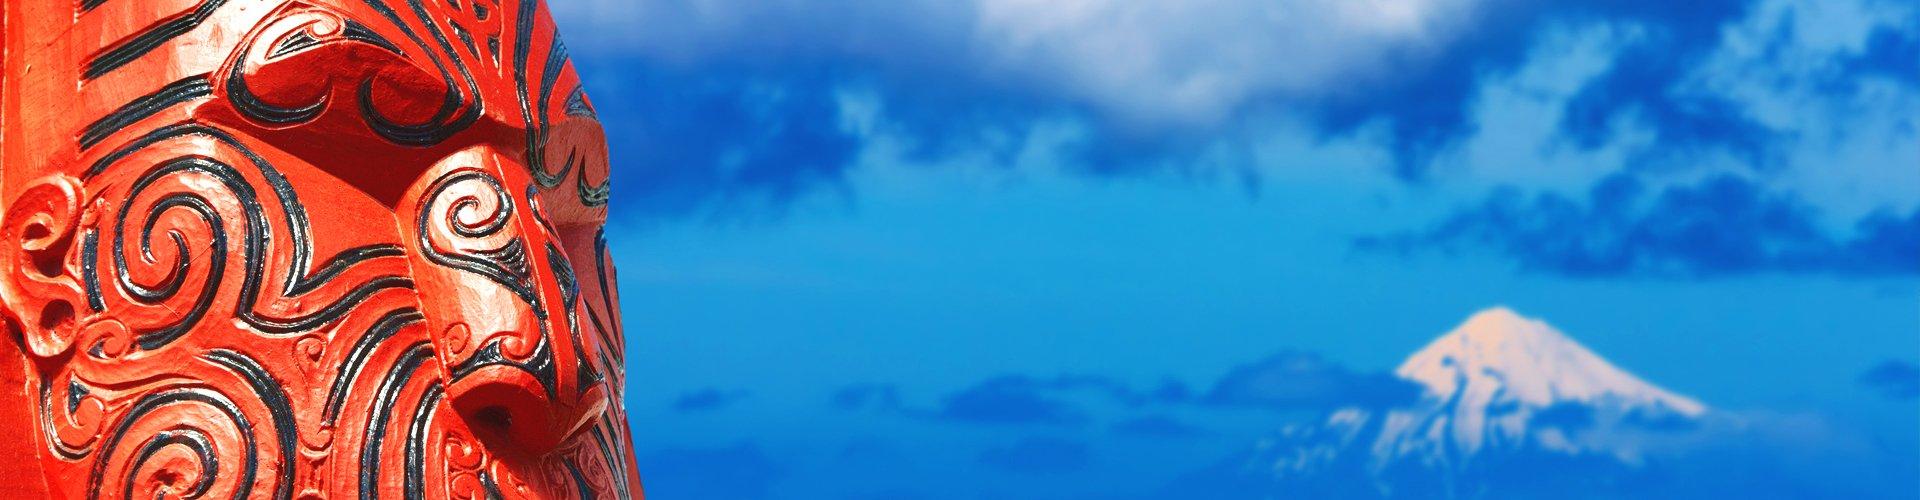 Maaori-beeld in Nieuw-Zeeland